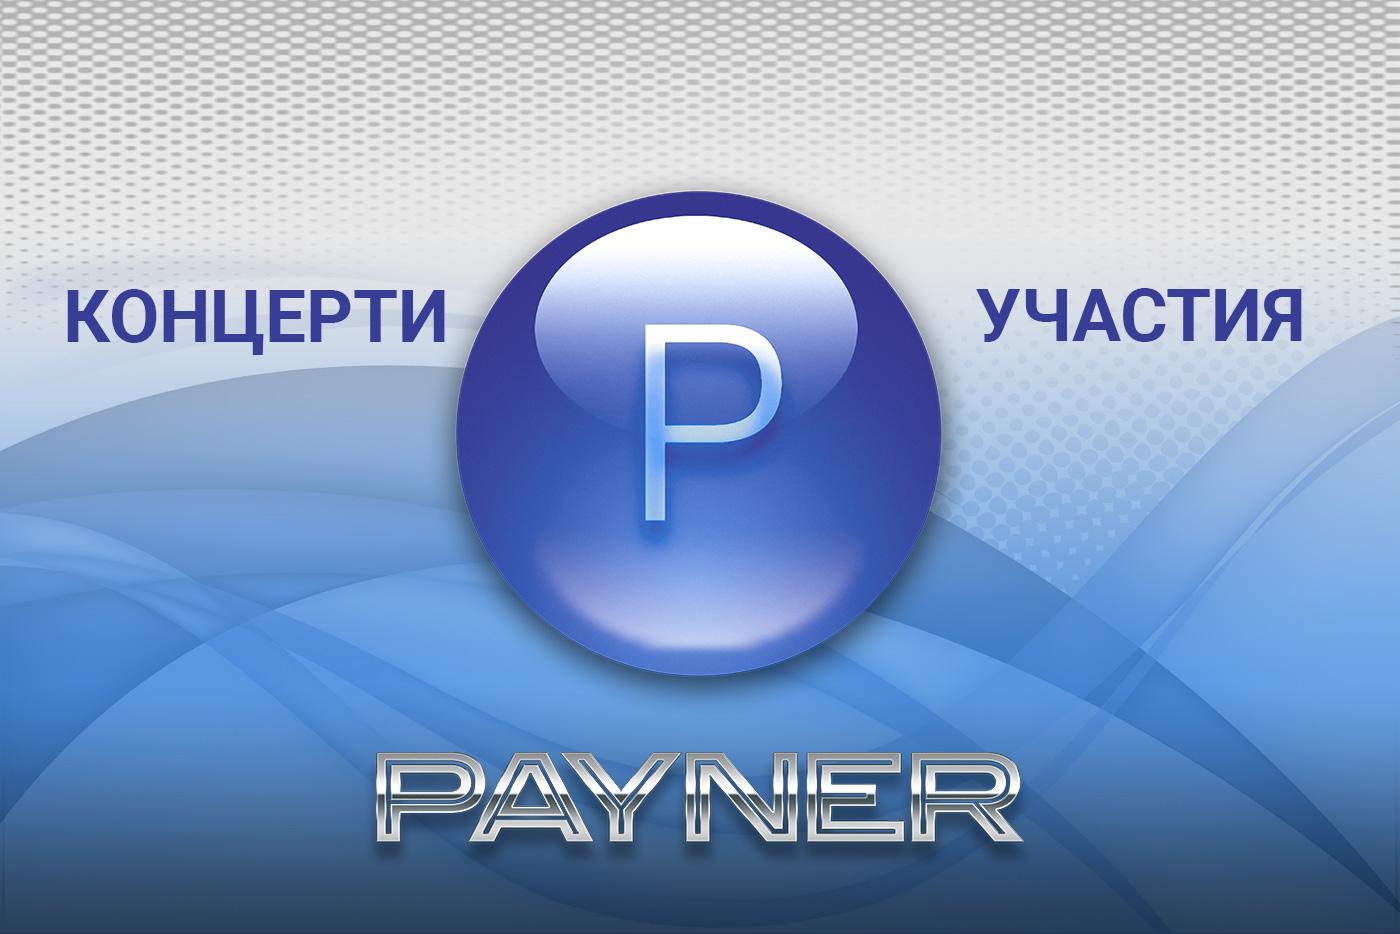 """Участия на звездите на """"Пайнер"""" на 10.02.2020"""